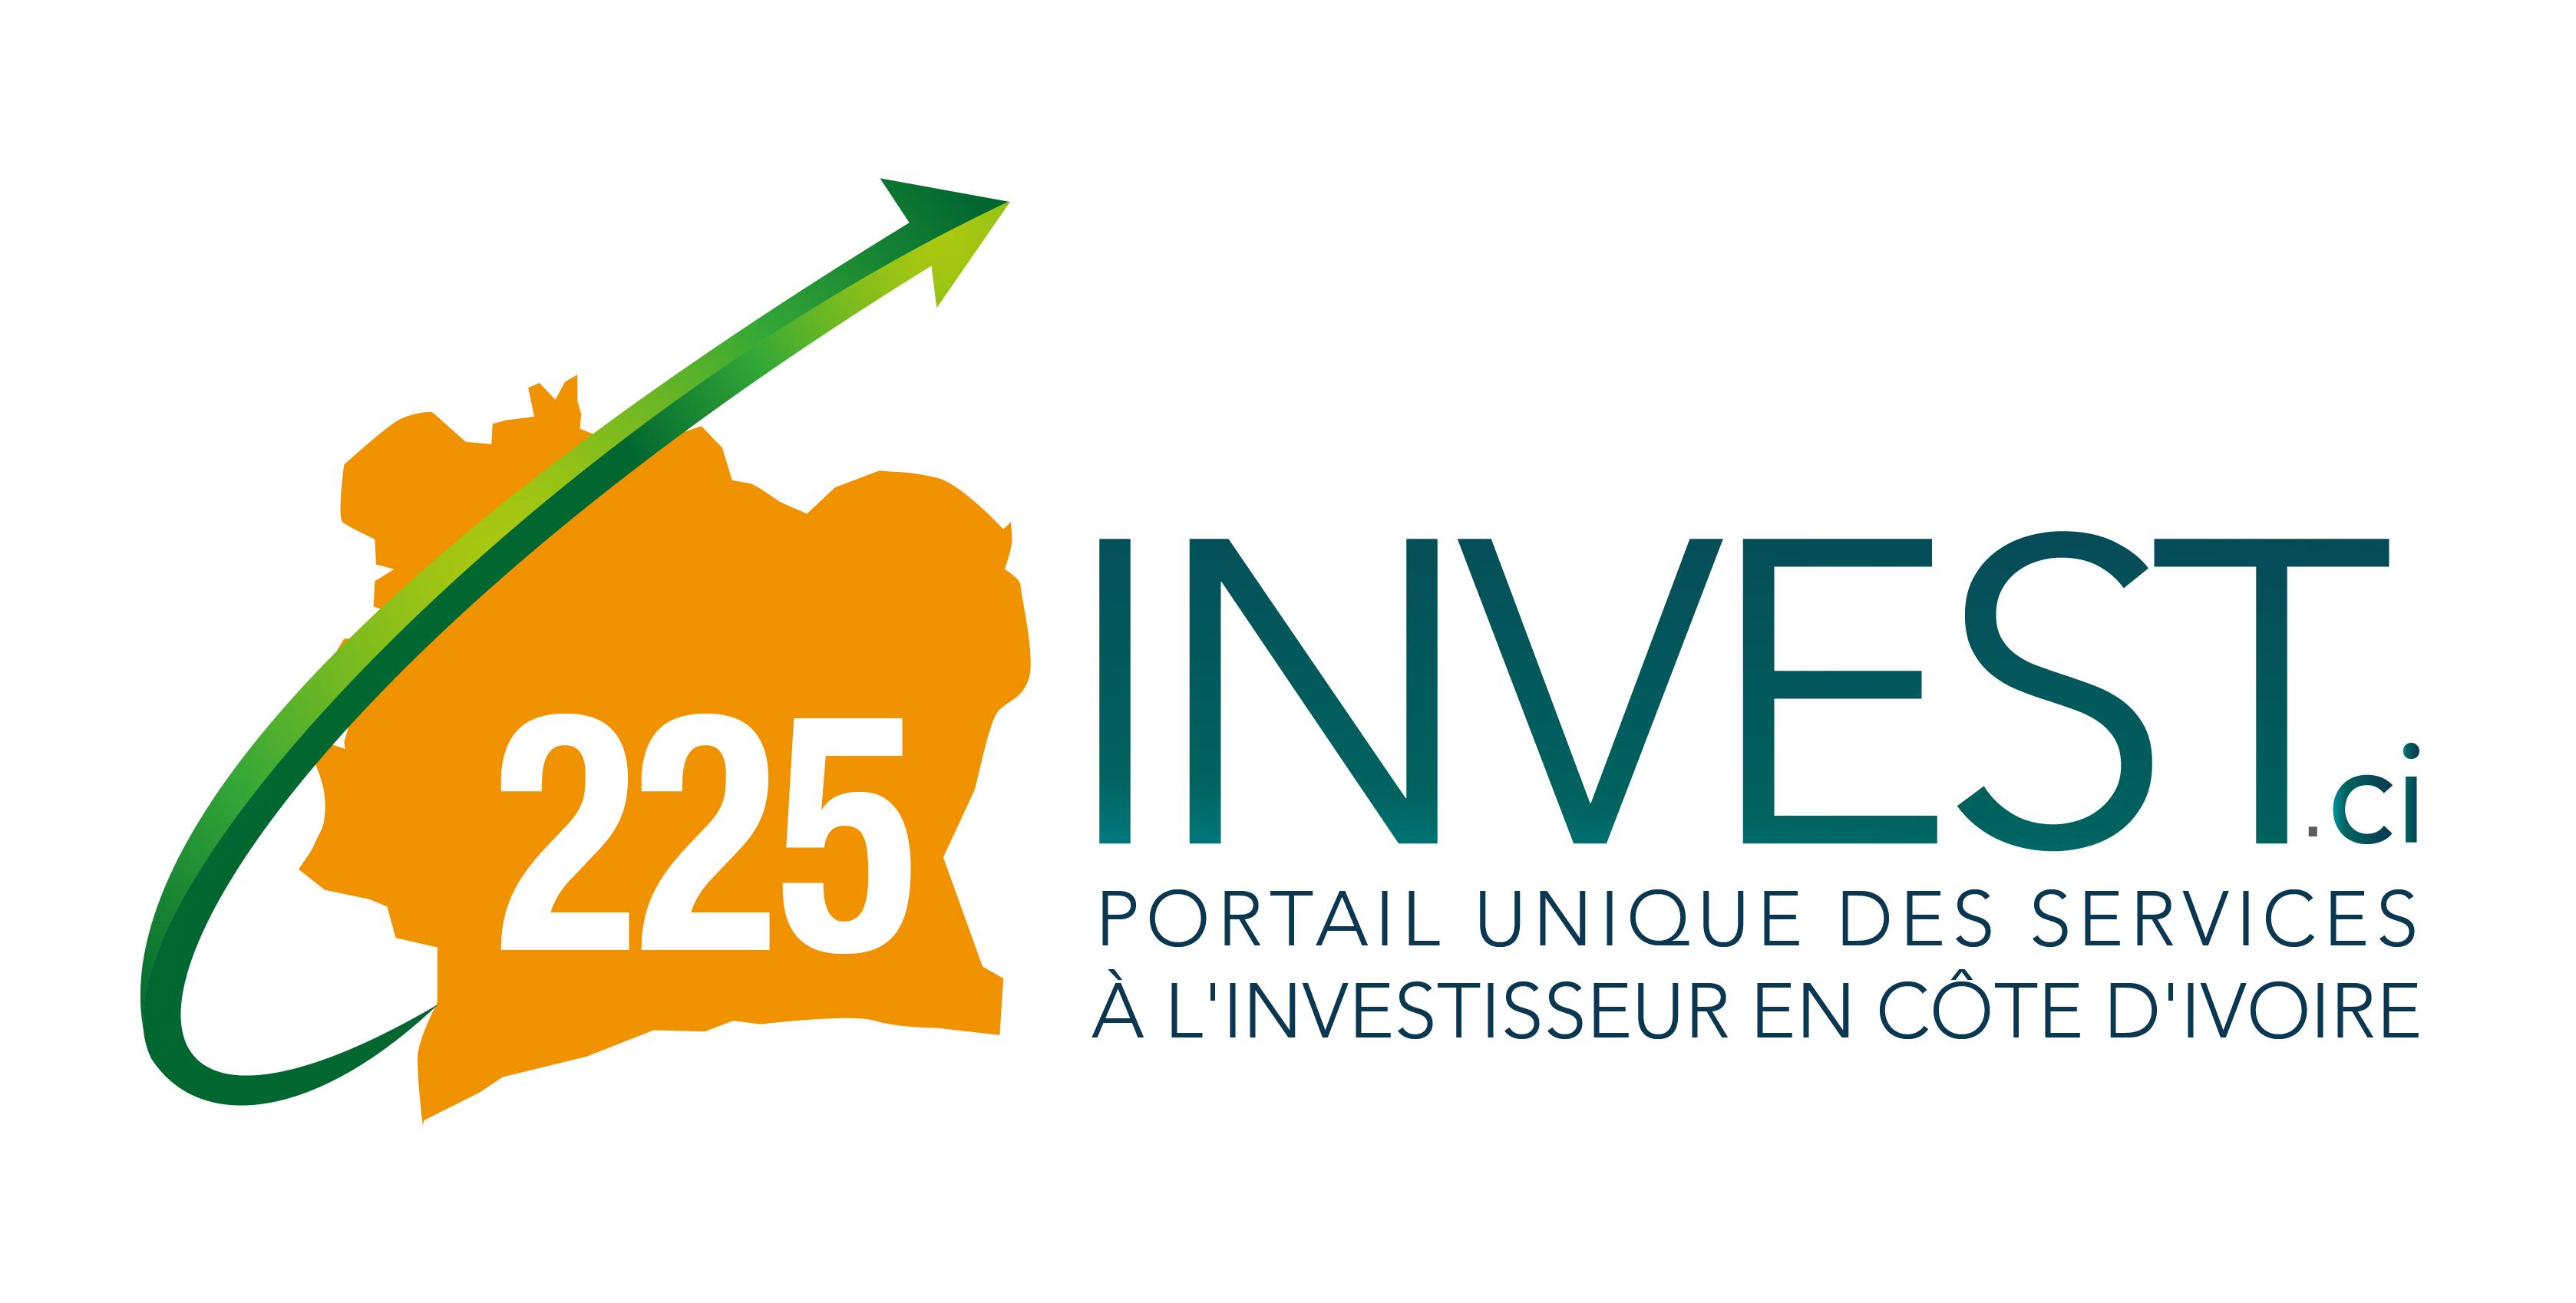 La Côte d'Ivoire établit une plateforme numérique pour les investisseurs